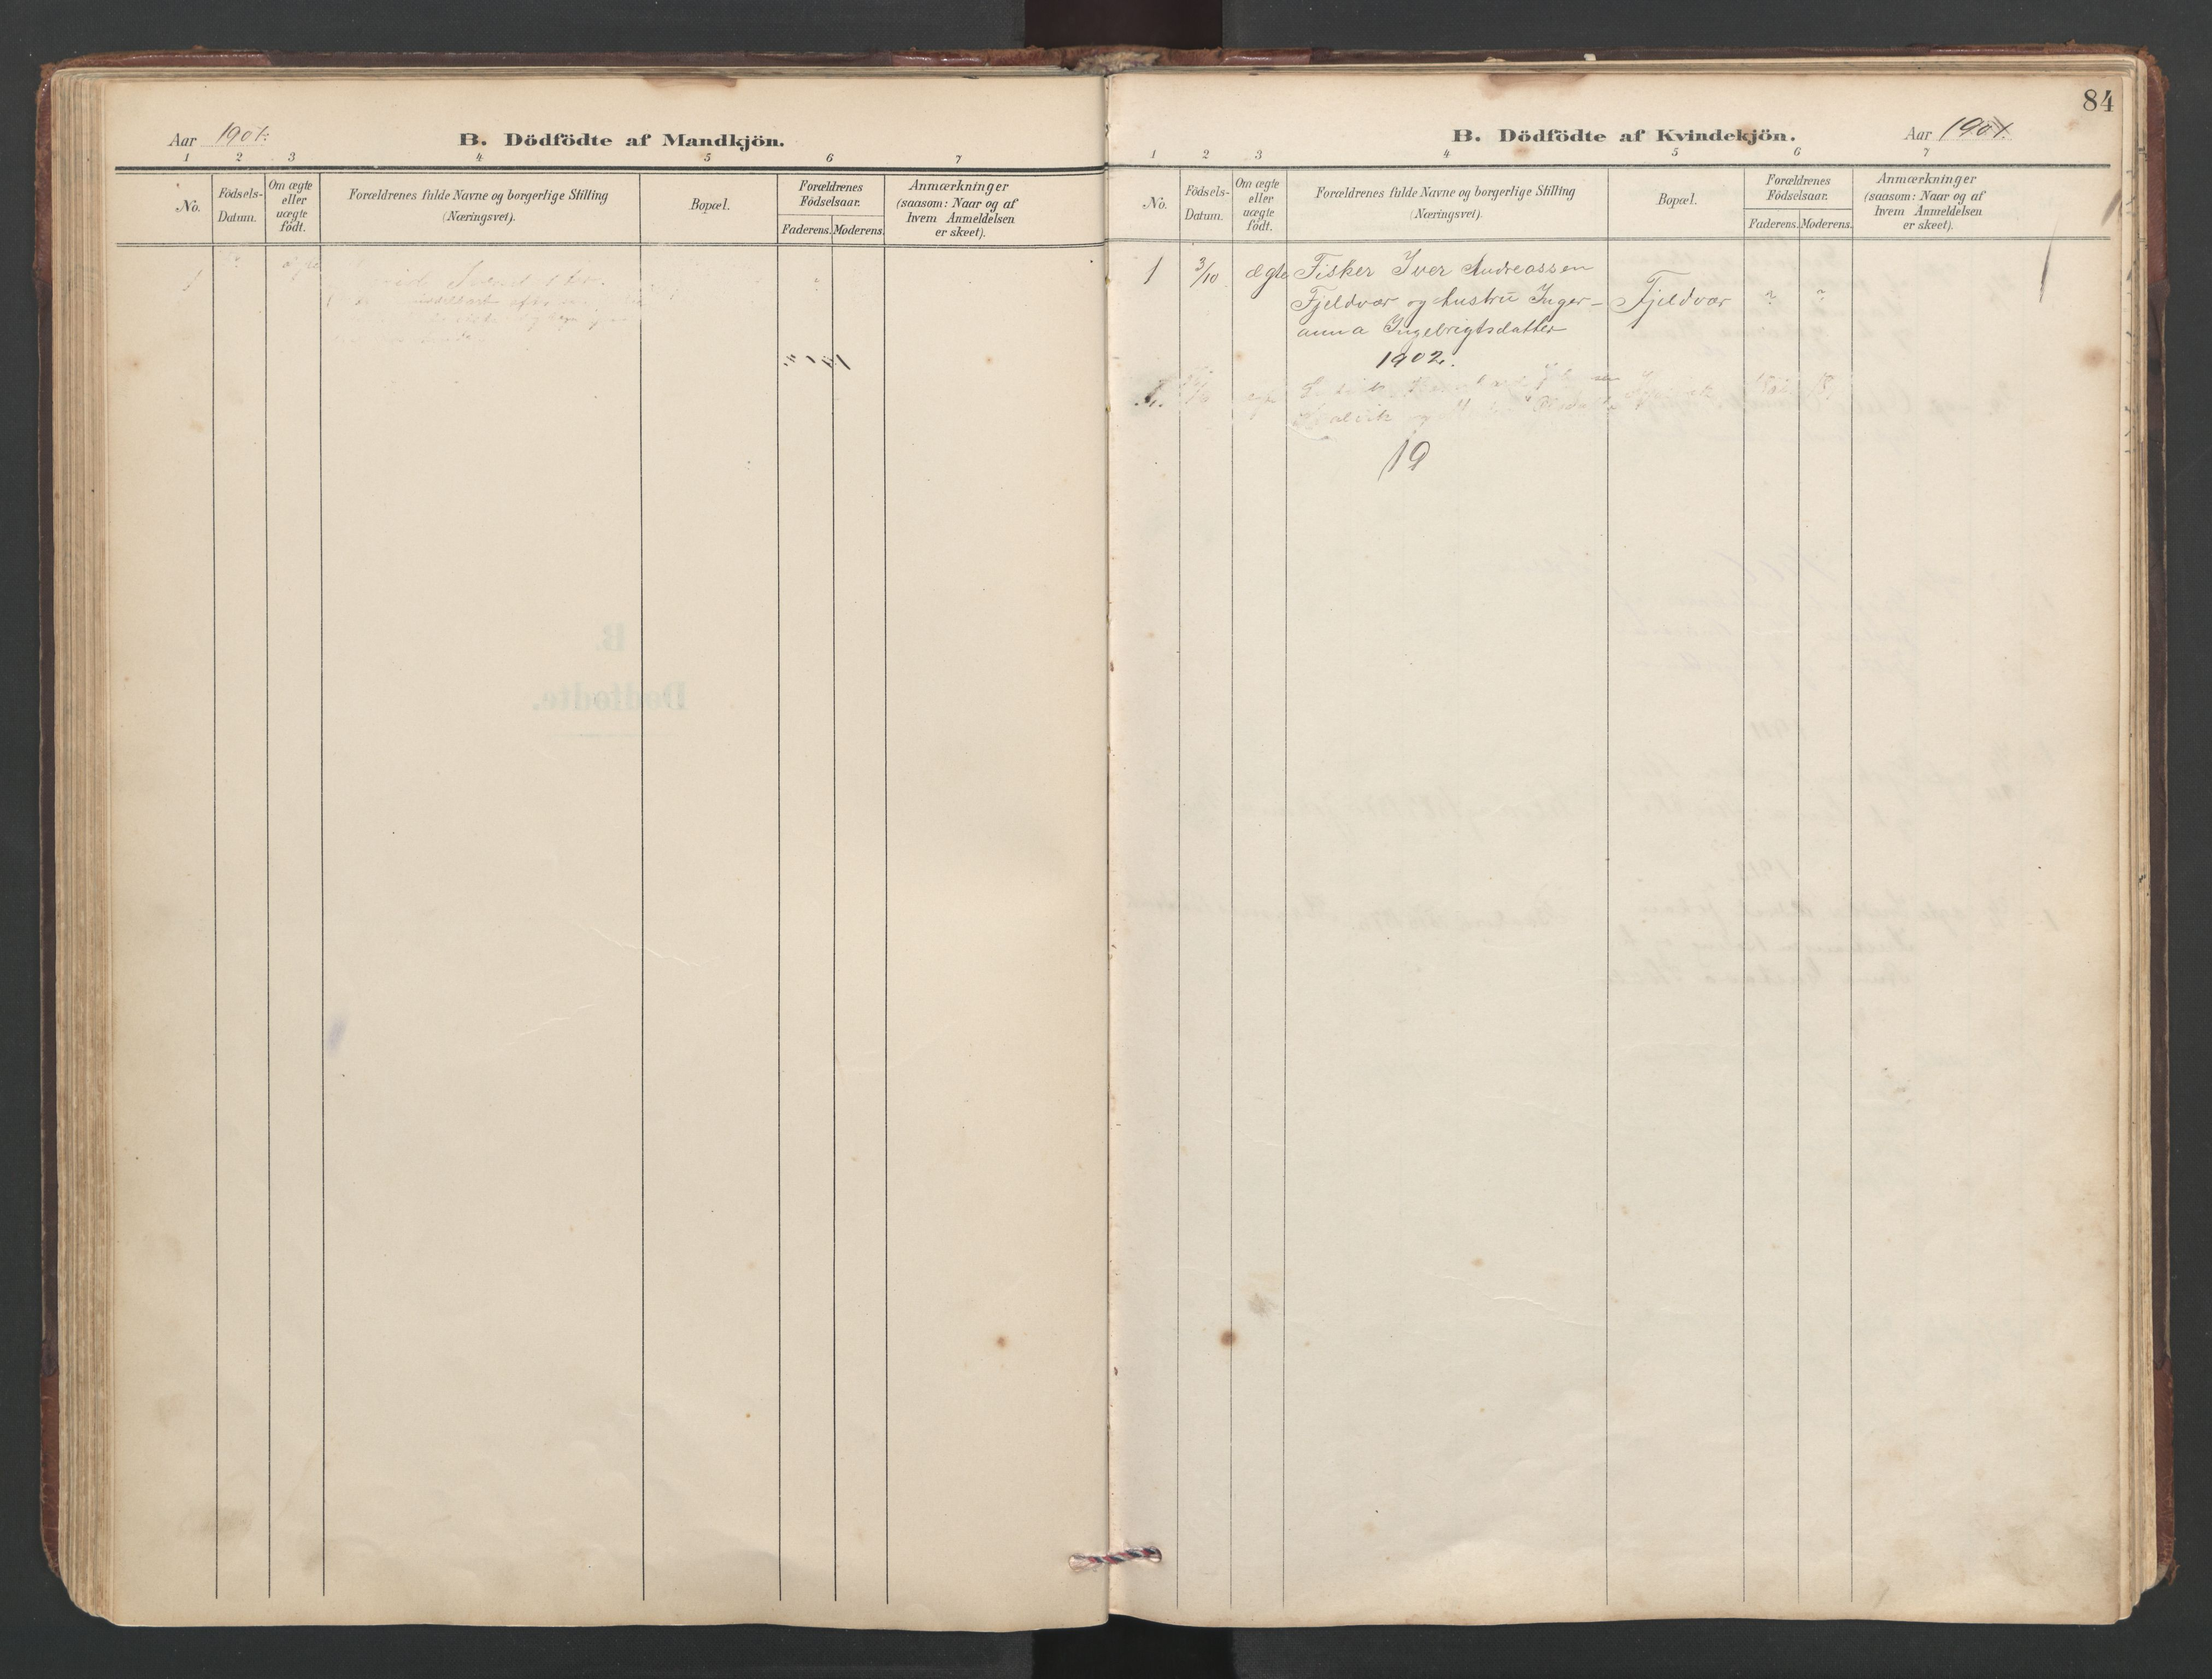 SAT, Ministerialprotokoller, klokkerbøker og fødselsregistre - Sør-Trøndelag, 638/L0571: Klokkerbok nr. 638C03, 1901-1930, s. 84